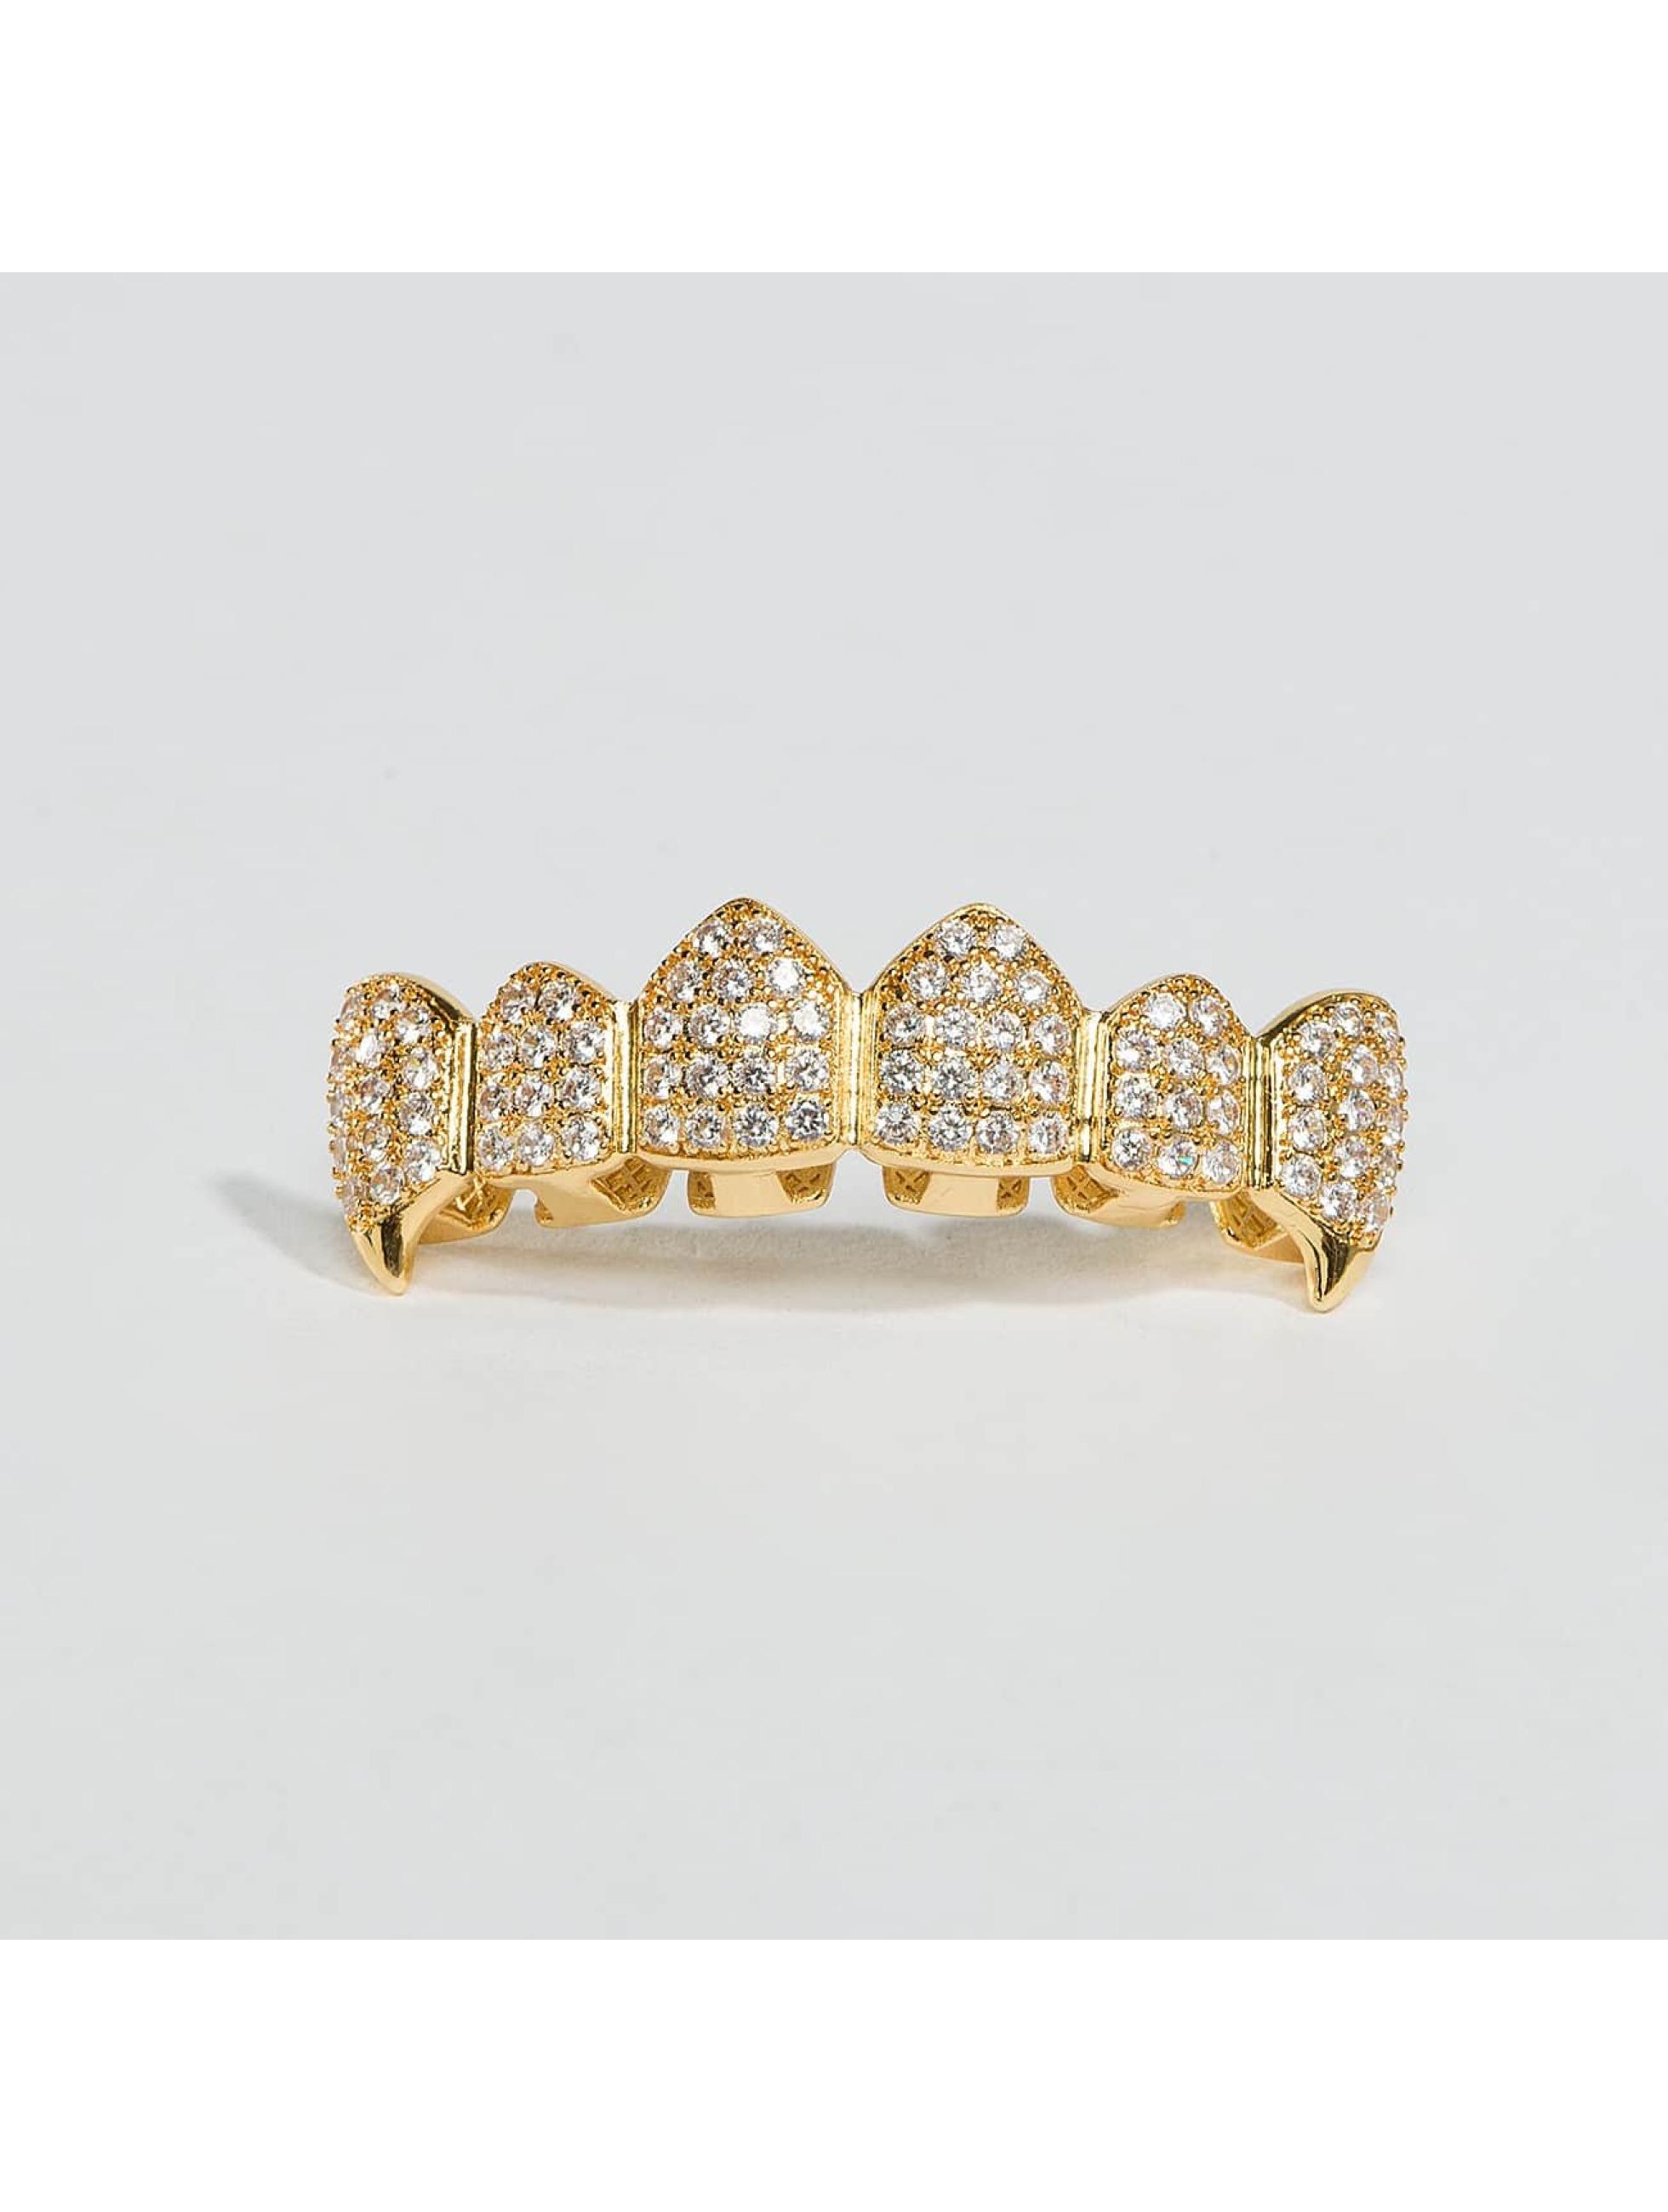 KING ICE Iné Gold_Plated CZ Dracula Teeth Top zlatá